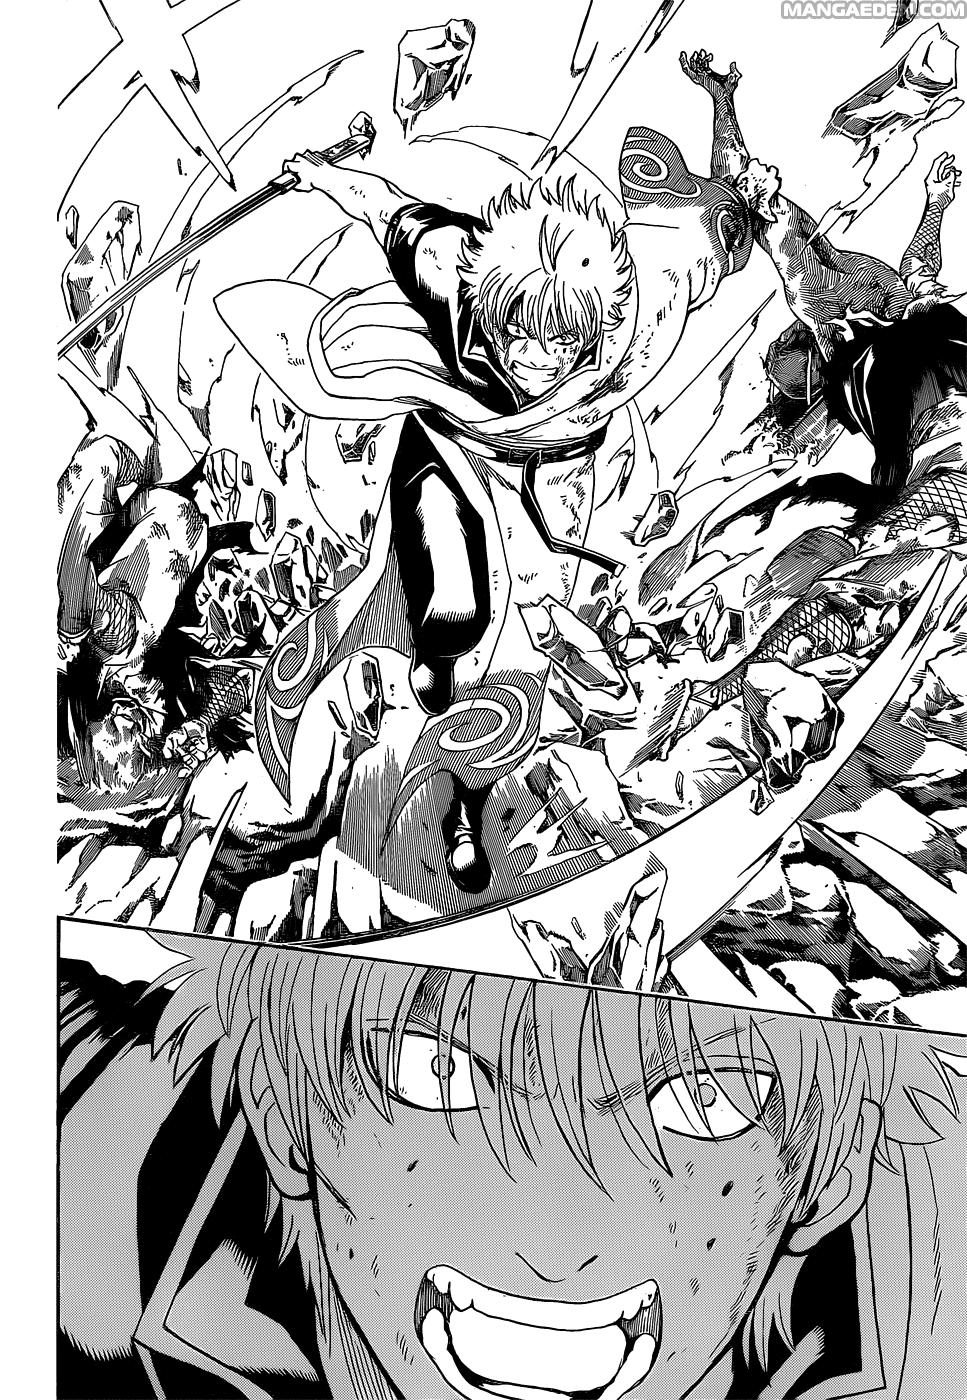 Manga Gintama Chapter 544 Page 1 Manga, Read manga